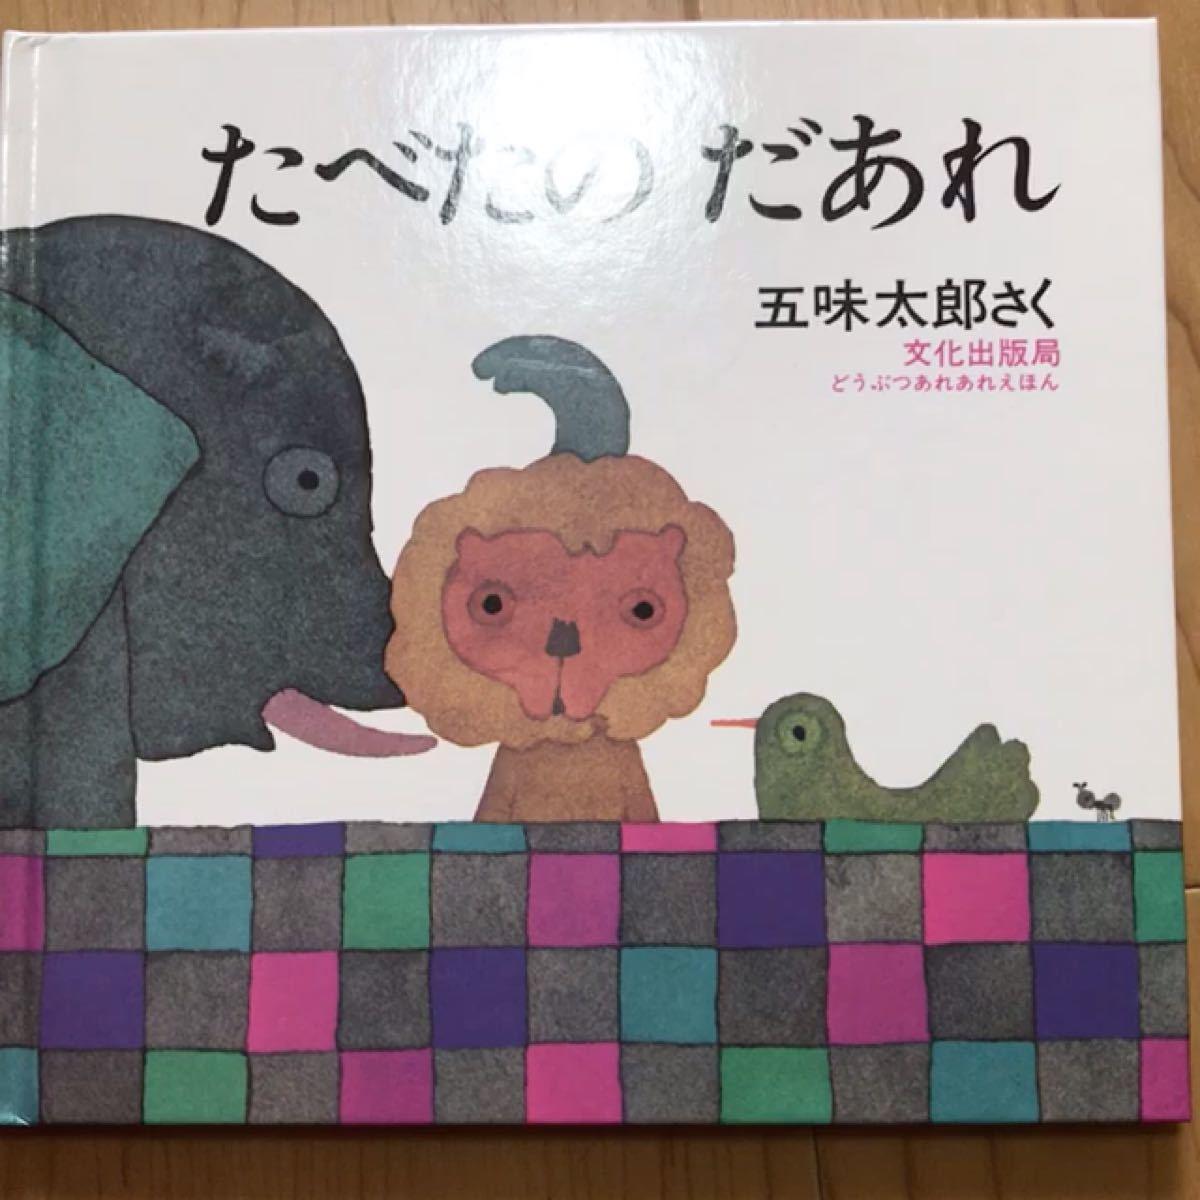 たべたのだあれ 五味太郎 文化出版 絵本 1歳 2歳 3歳